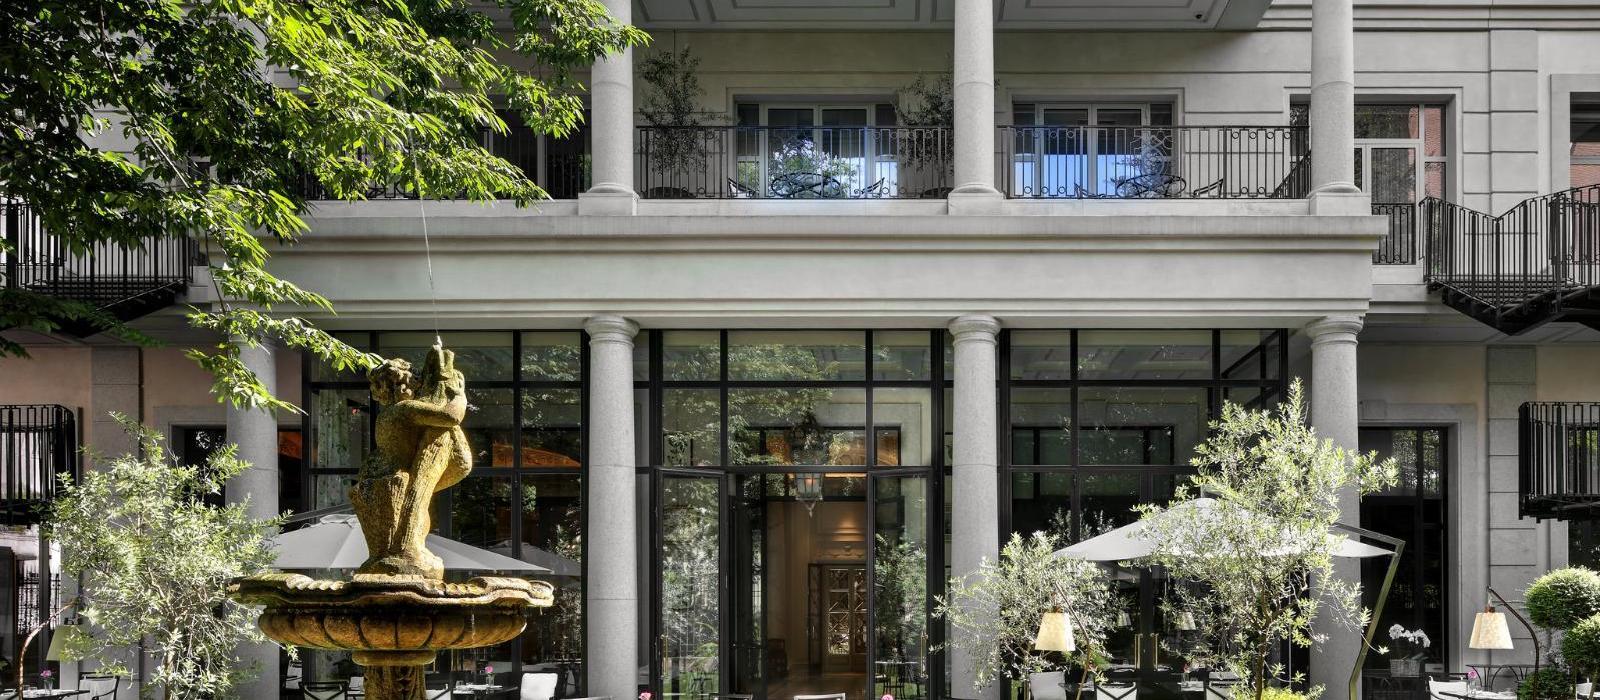 米兰巴黎宫水疗酒店(Palazzo Parigi Hotel Grand Spa) 图片  www.lhw.cn